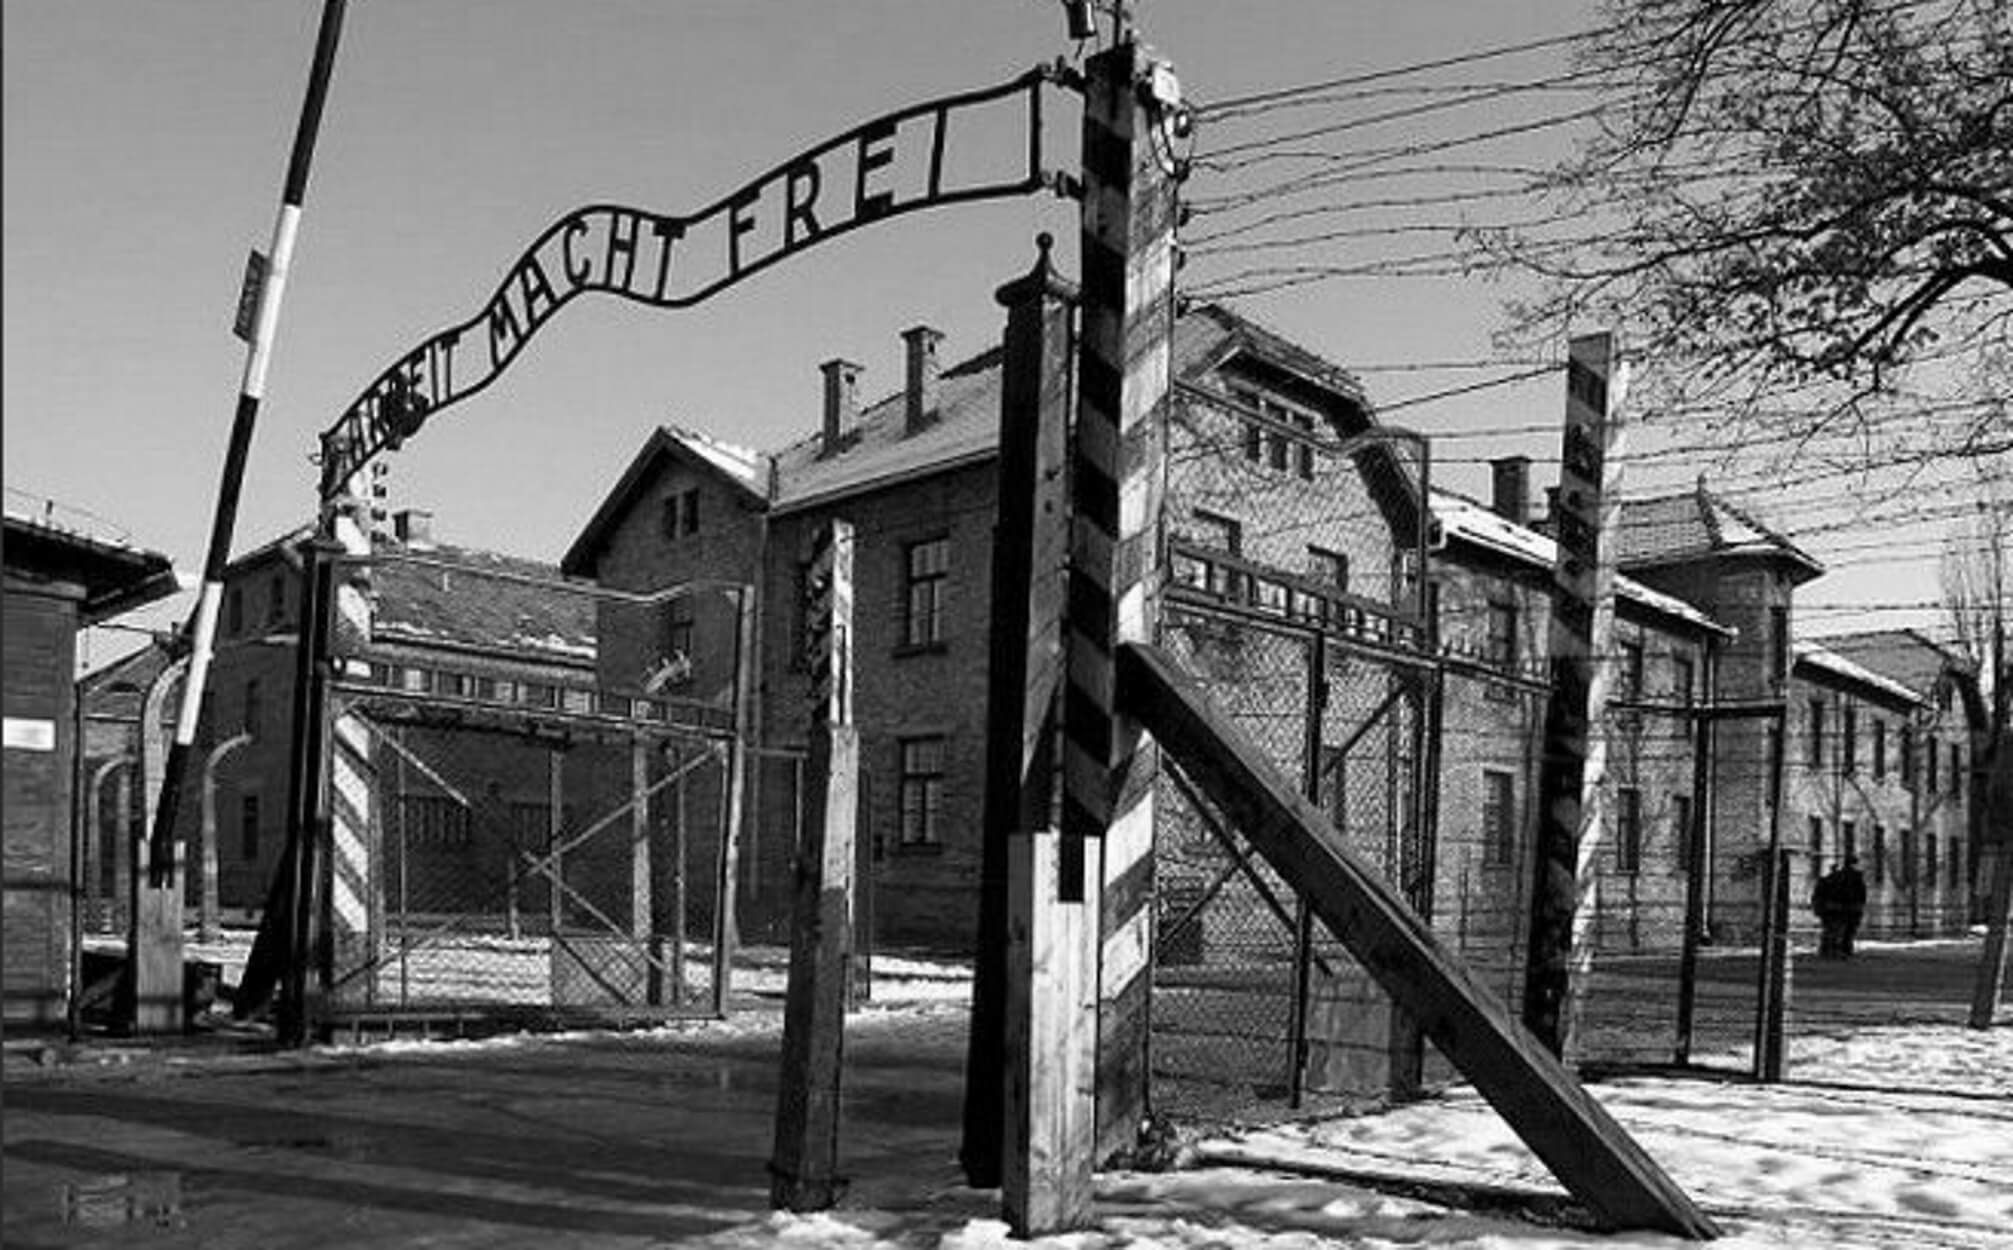 Βερολίνο: Νέες ανατριχιαστικές αποκαλύψεις για τα ανθρώπινα πειράματα των Ναζί!